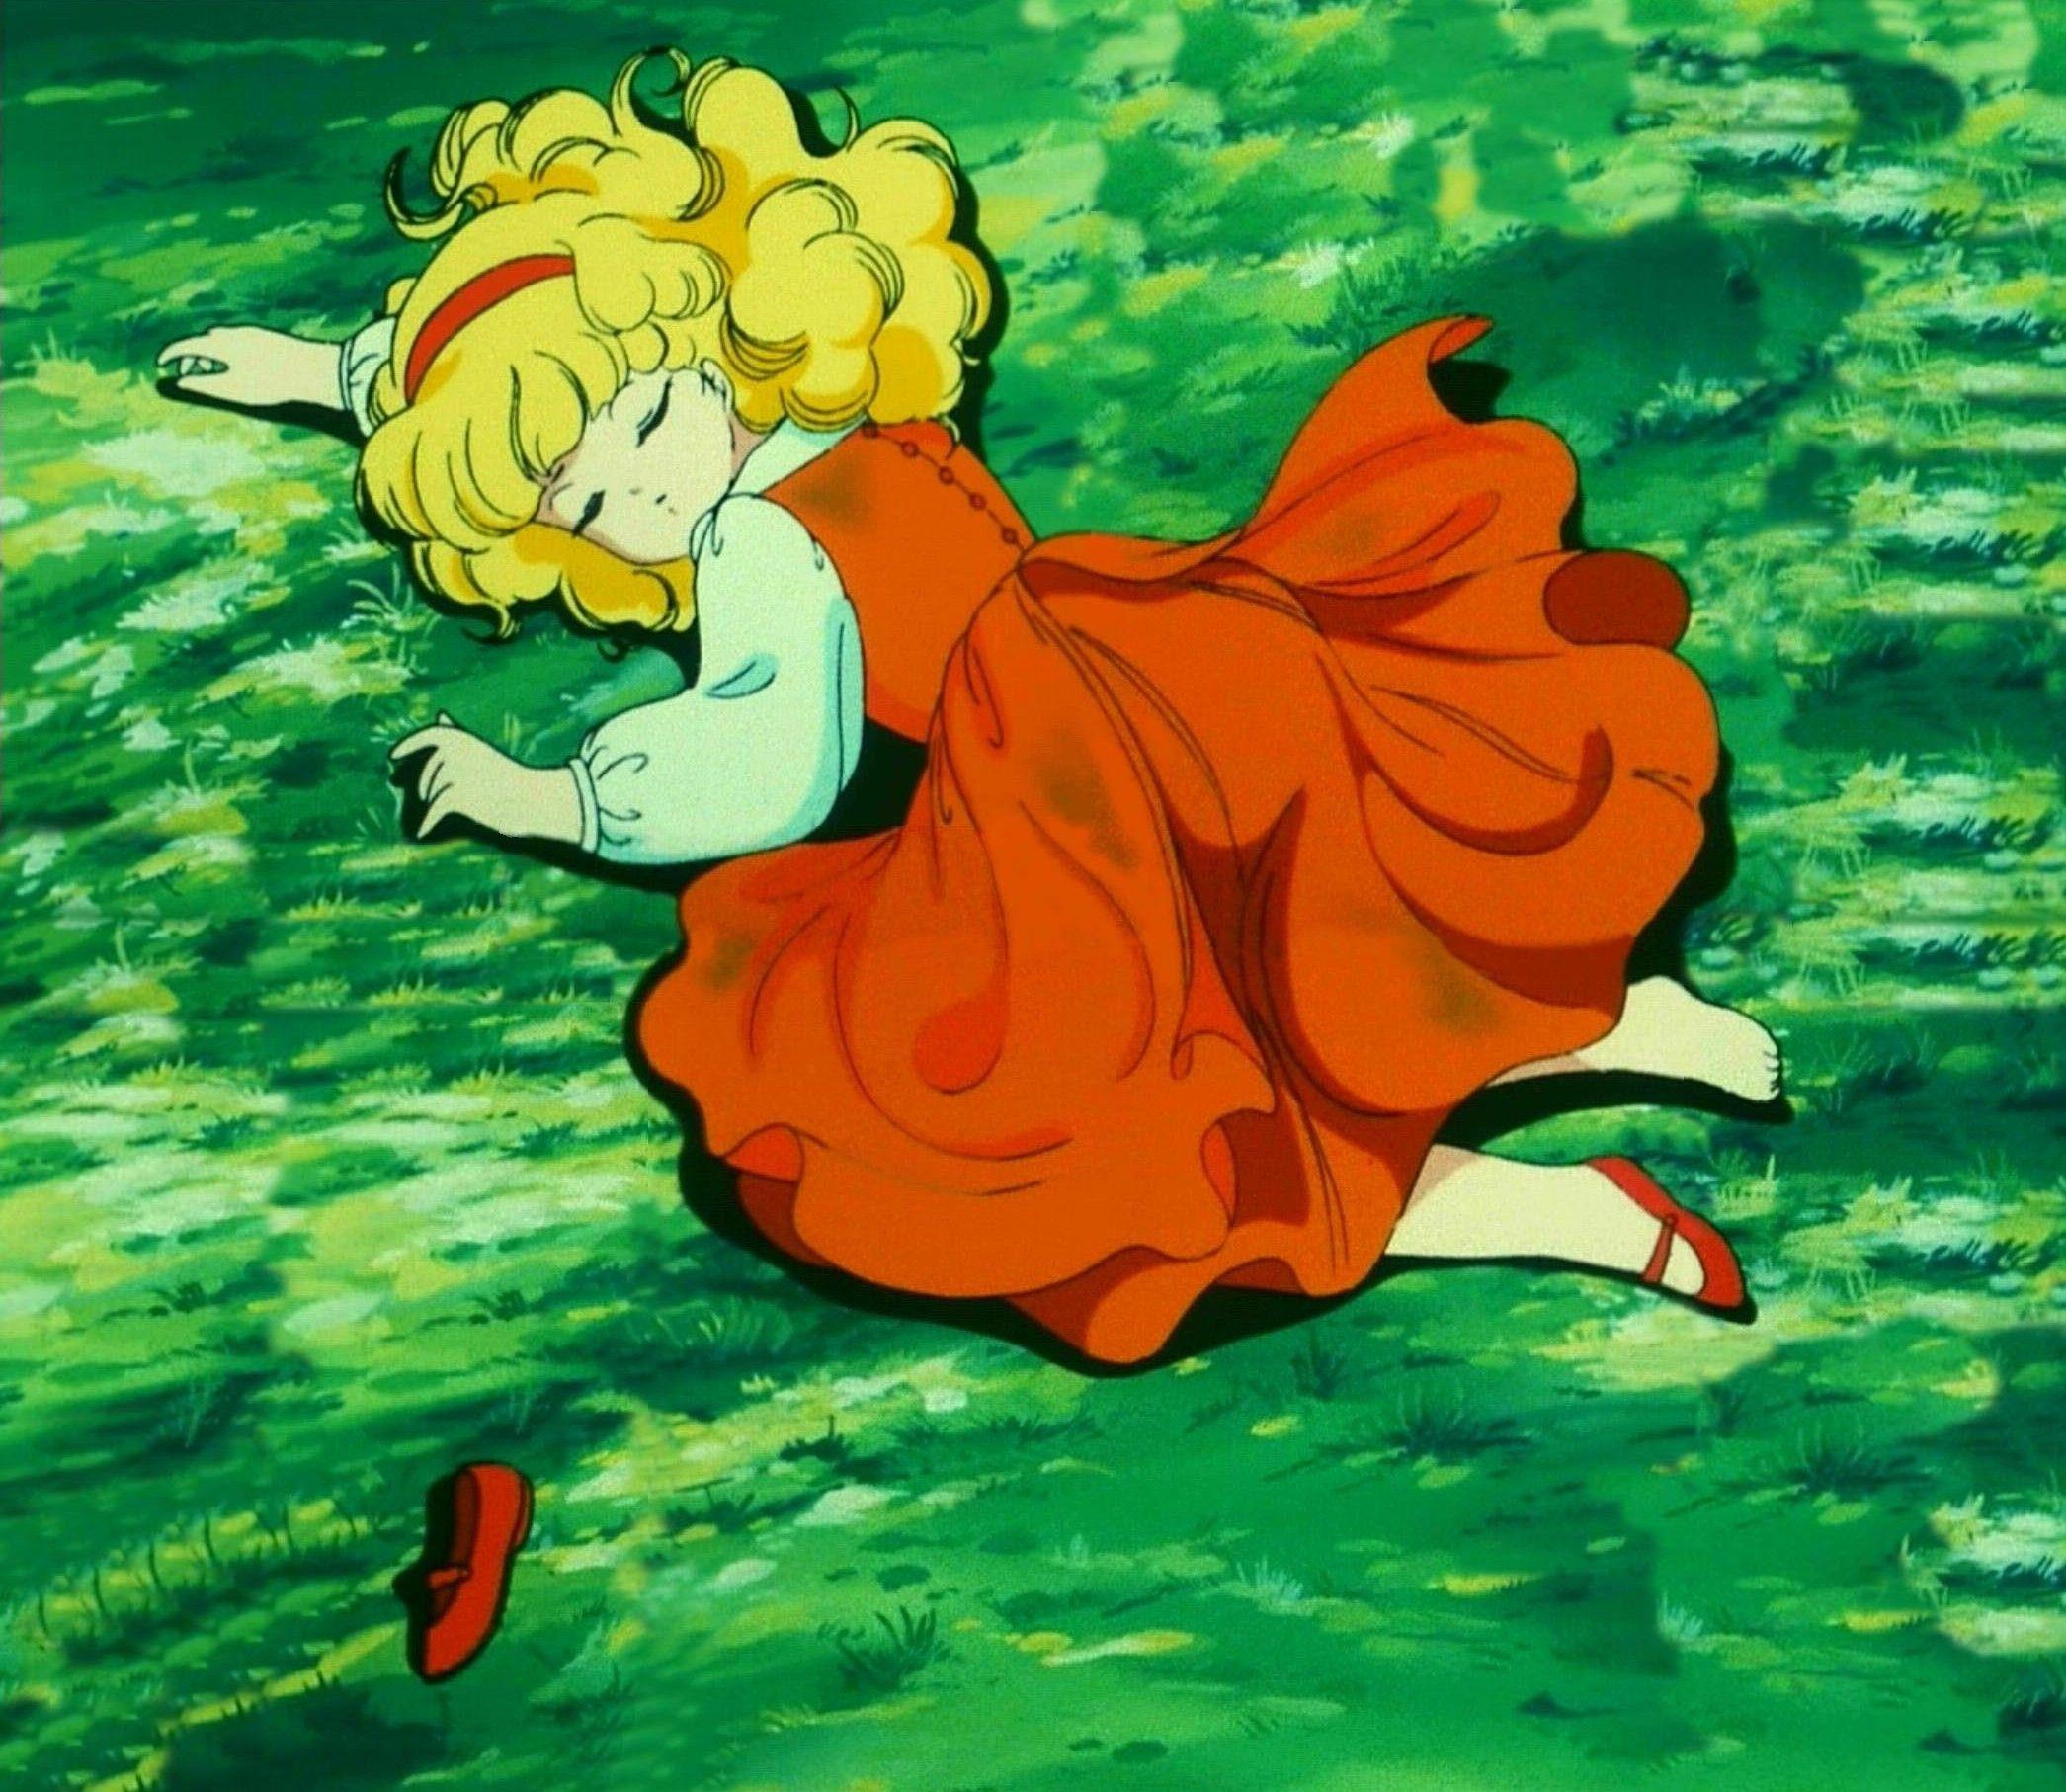 صور زهرة الجبل منتديات زحمة شباب ياناسو الترفيهية Aesthetic Anime Anime Fantasy Old Anime